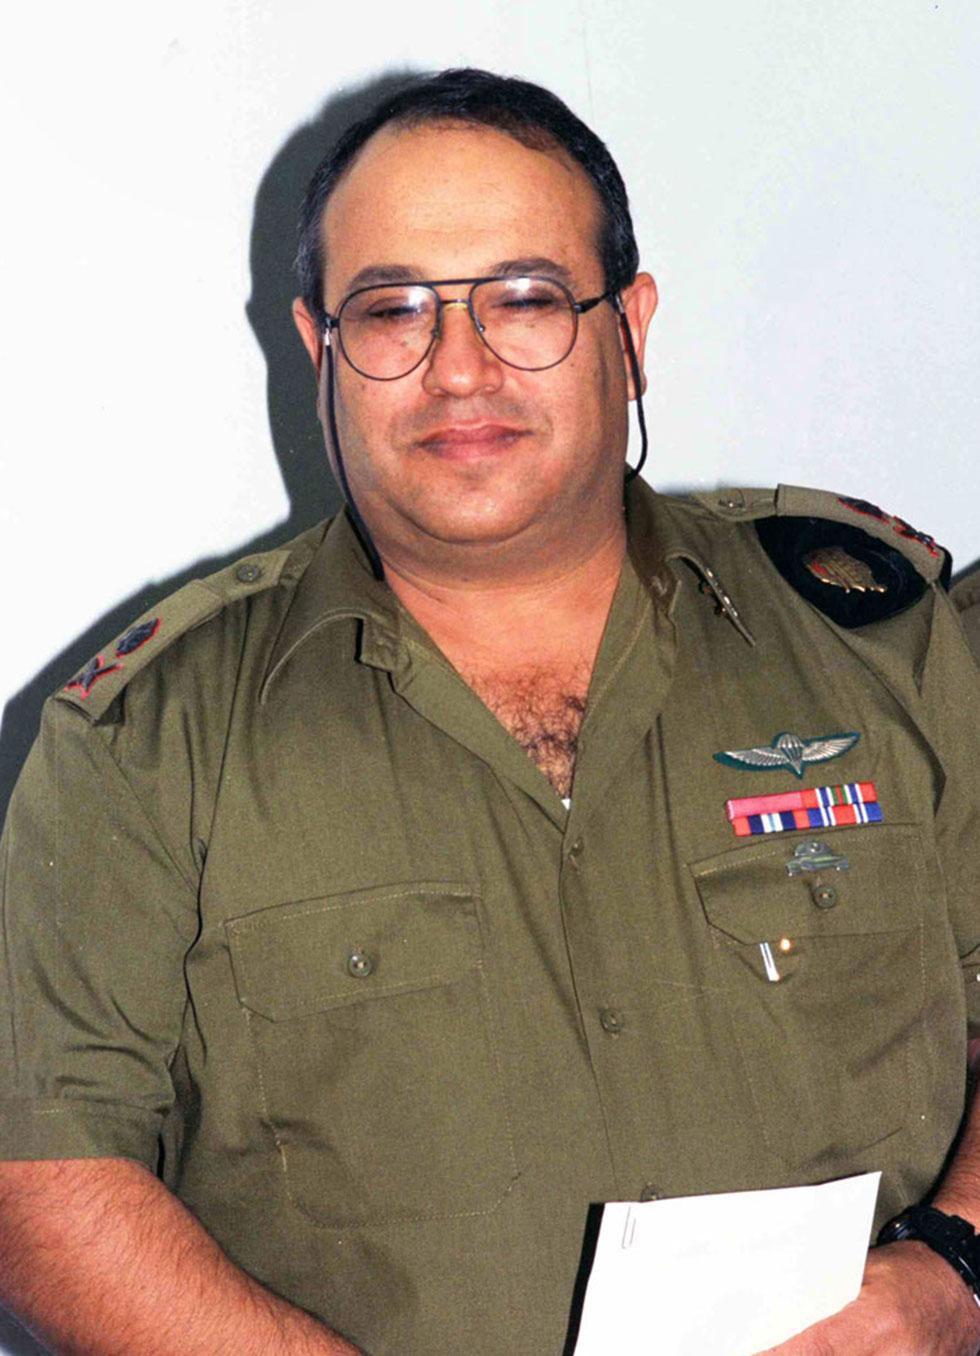 """מאיר דגן ז""""ל. שימש ב-1991 כראש אגף מבצעים במטכ""""ל (צילום: דובר צה""""ל, באדיבות ארכיון צה""""ל במשרד הביטחון) (צילום: דובר צה"""